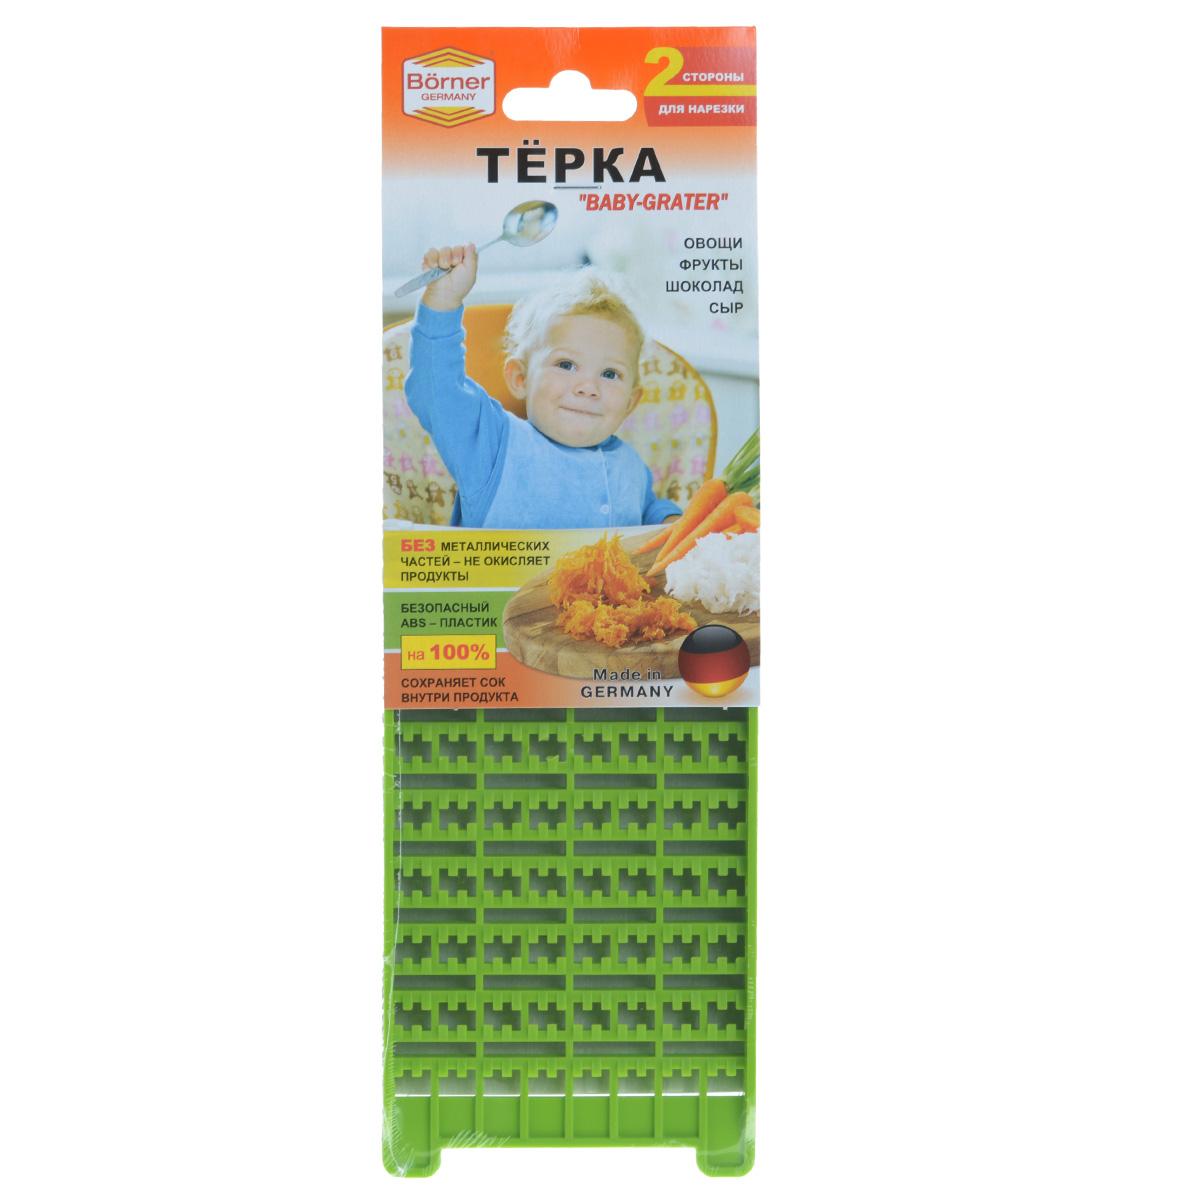 Терка Borner Baby-Grater, цвет: зеленый3810129Самое большое преимущество терки Borner Baby-Grater в том, что она не имеет металлических частей и не окисляет нарезаемый продукт. С этой теркой вы своими руками сделаете вкусное пюре или салаты из свежих овощей и фруктов для детского и диетического питания. Терка режет продукты, а не давит их, и вы будете иметь соки и витамины в салатах, а не на столе.Терка имеет рабочую поверхность с двух сторон:Сторона с крупными зубцами: Сыр, чеснок, сельдерей, морковь, яблоко, свекла, редис, шоколад, цедра цитрусовых и т.п. перерабатываются в мягкую воздушную стружку для сырых овощных и фруктовых салатов.Сторона с мелкими зубцами предназначена для измельчения овощей, фруктов и прочих продуктов в пюре. Картофель на ней перерабатывается в пюреобразную массу для оладий.Размер терки: 24,5 см х 10 см х 1,5 см.